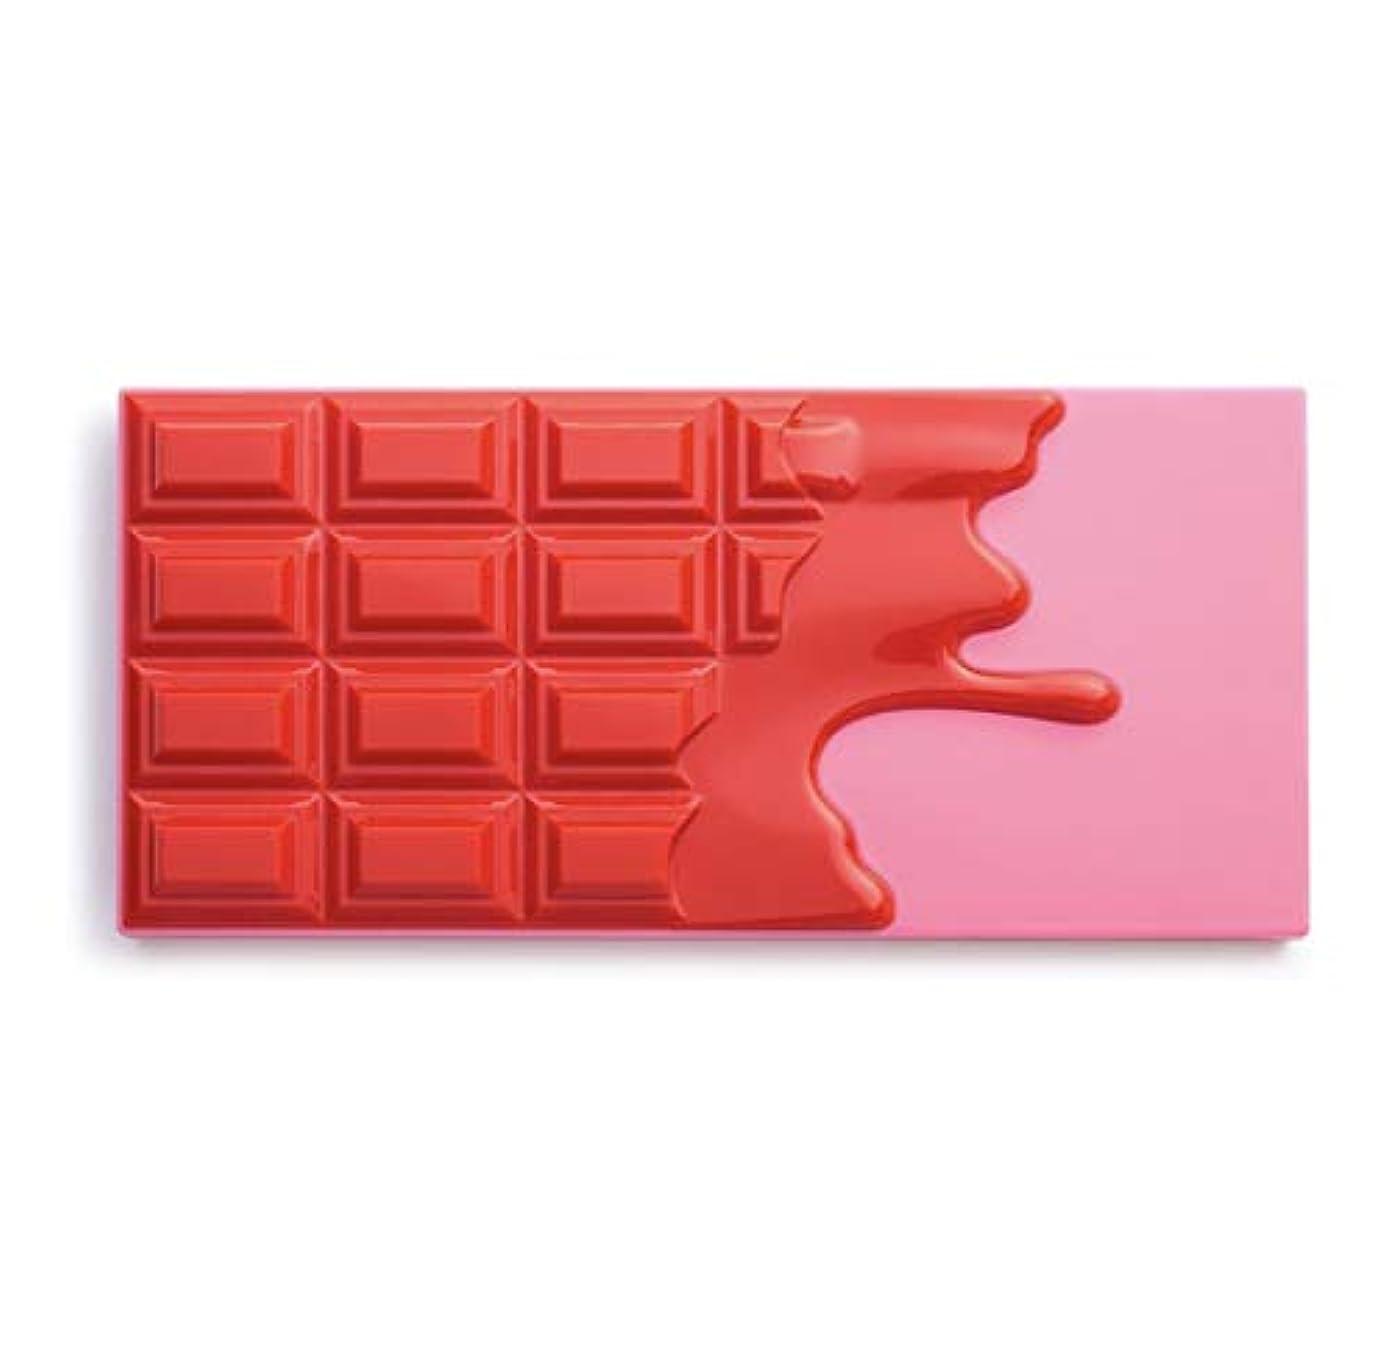 メイクアップレボリューション アイラブメイクアップ チョコレート型18色アイシャドウパレット #Cherry Chocolate